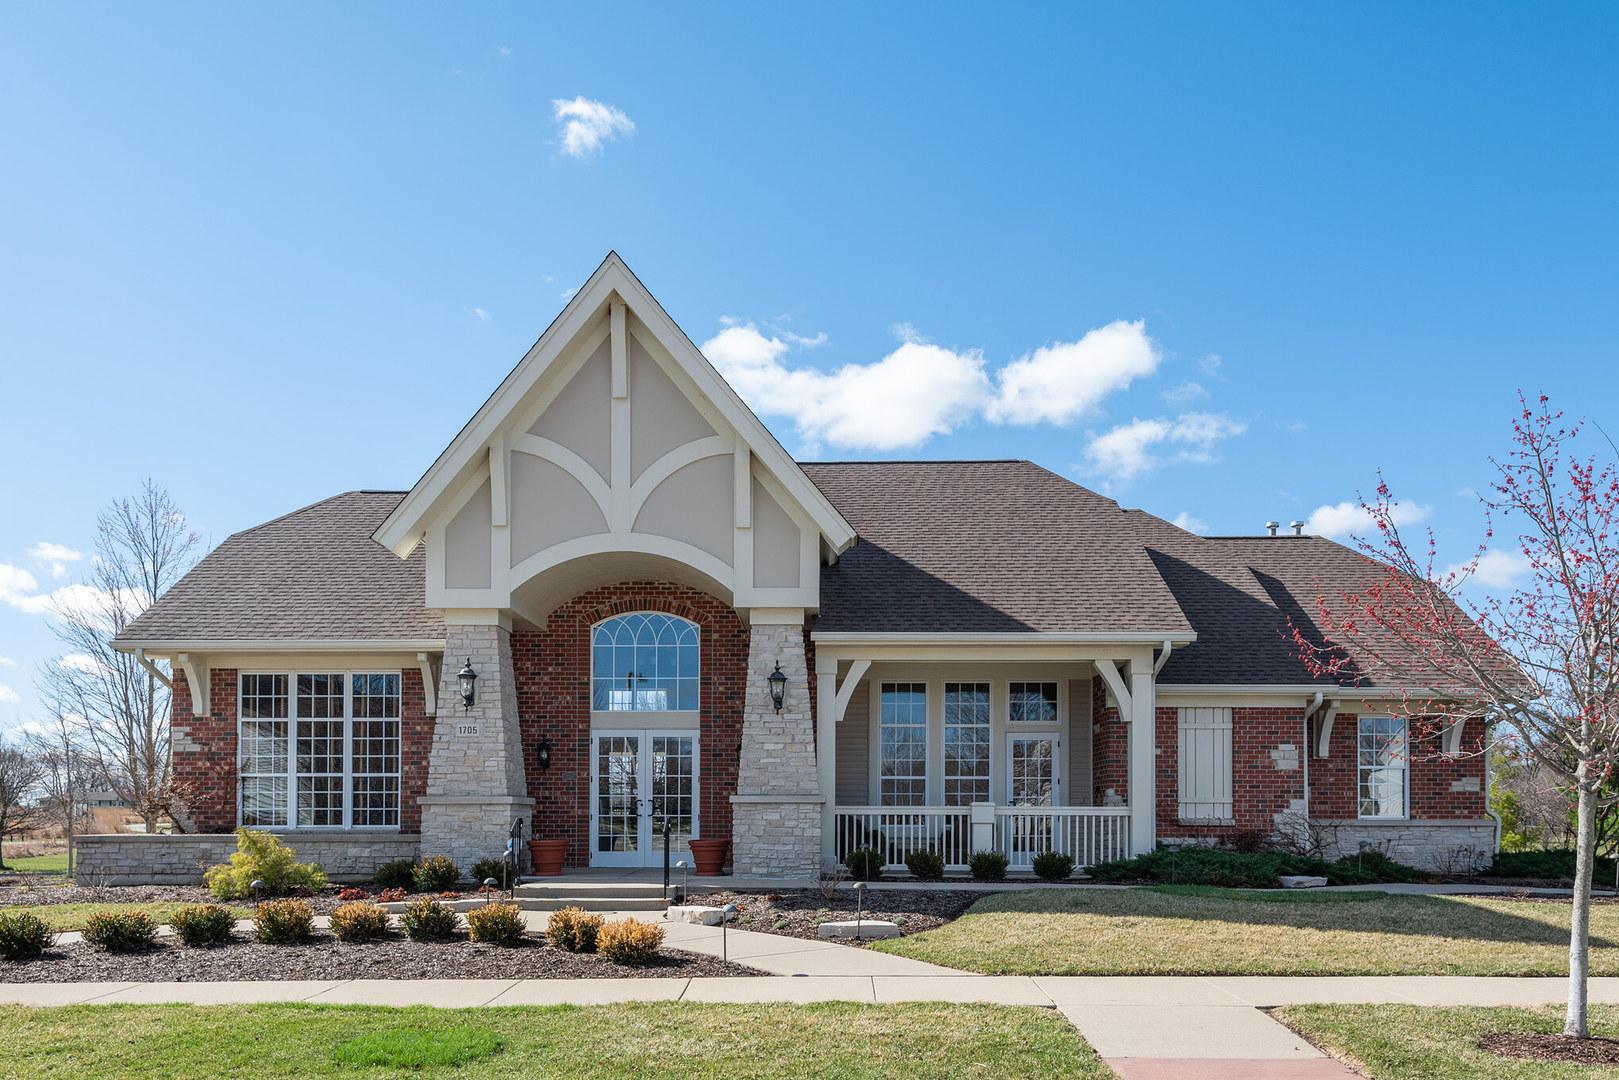 1804 Chase, AURORA, Illinois, 60502